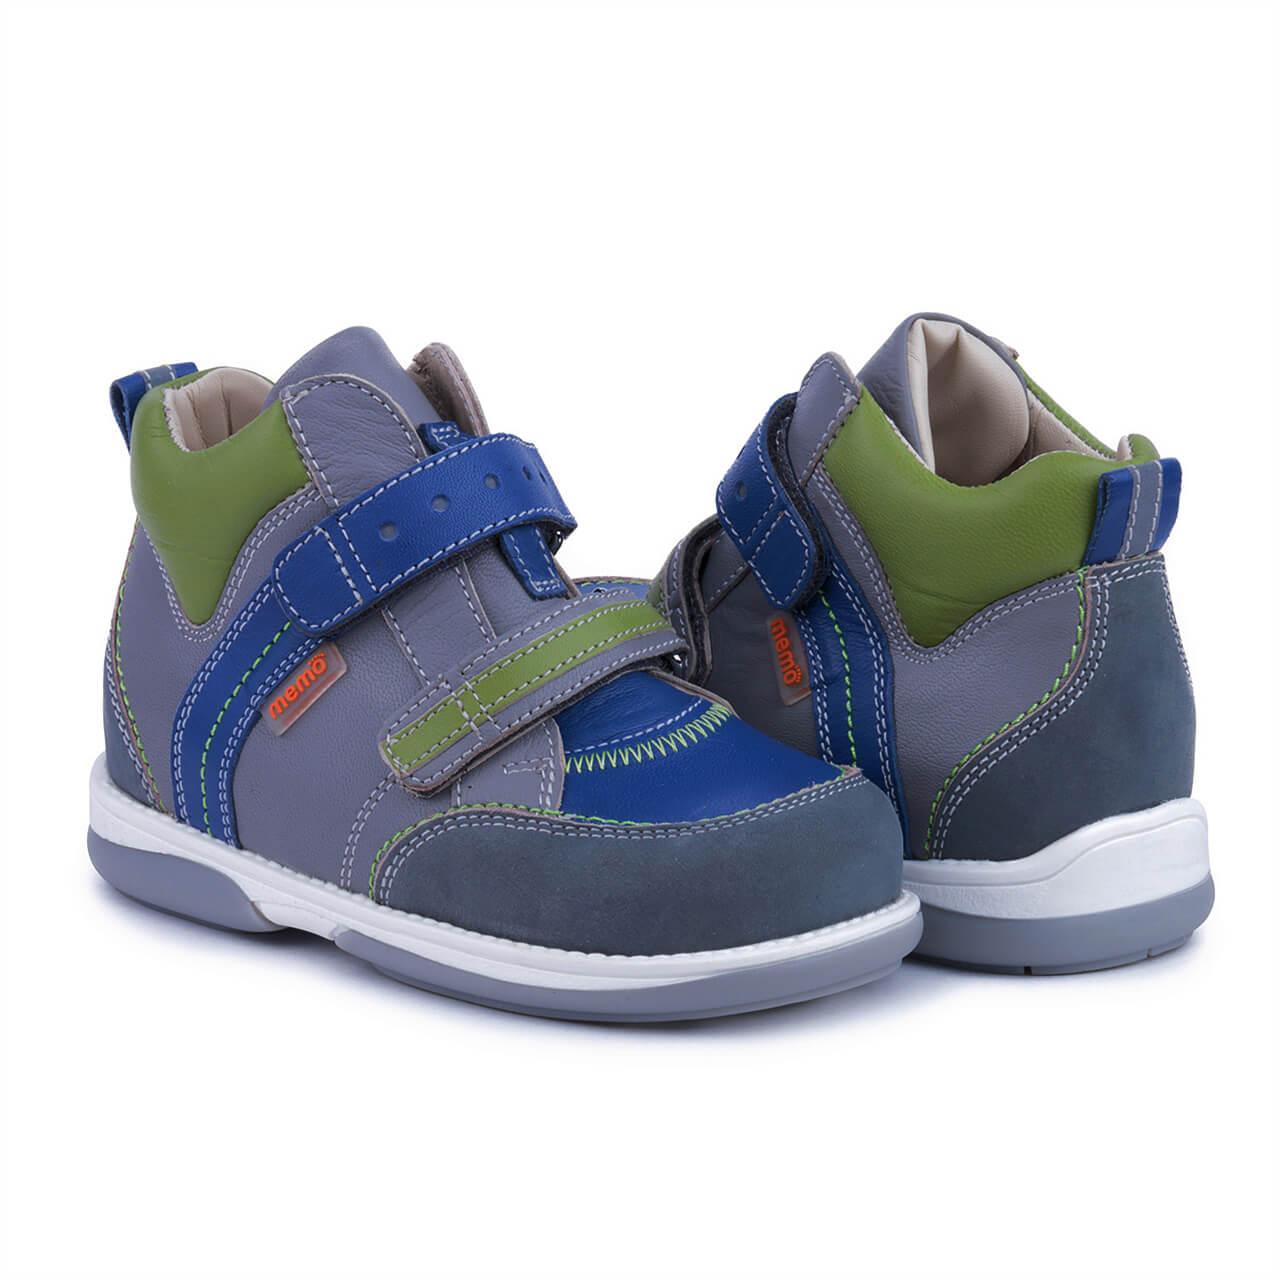 Memo Polo Junior Серый Синий Зеленый - Ортопедические кроссовки для детей 25